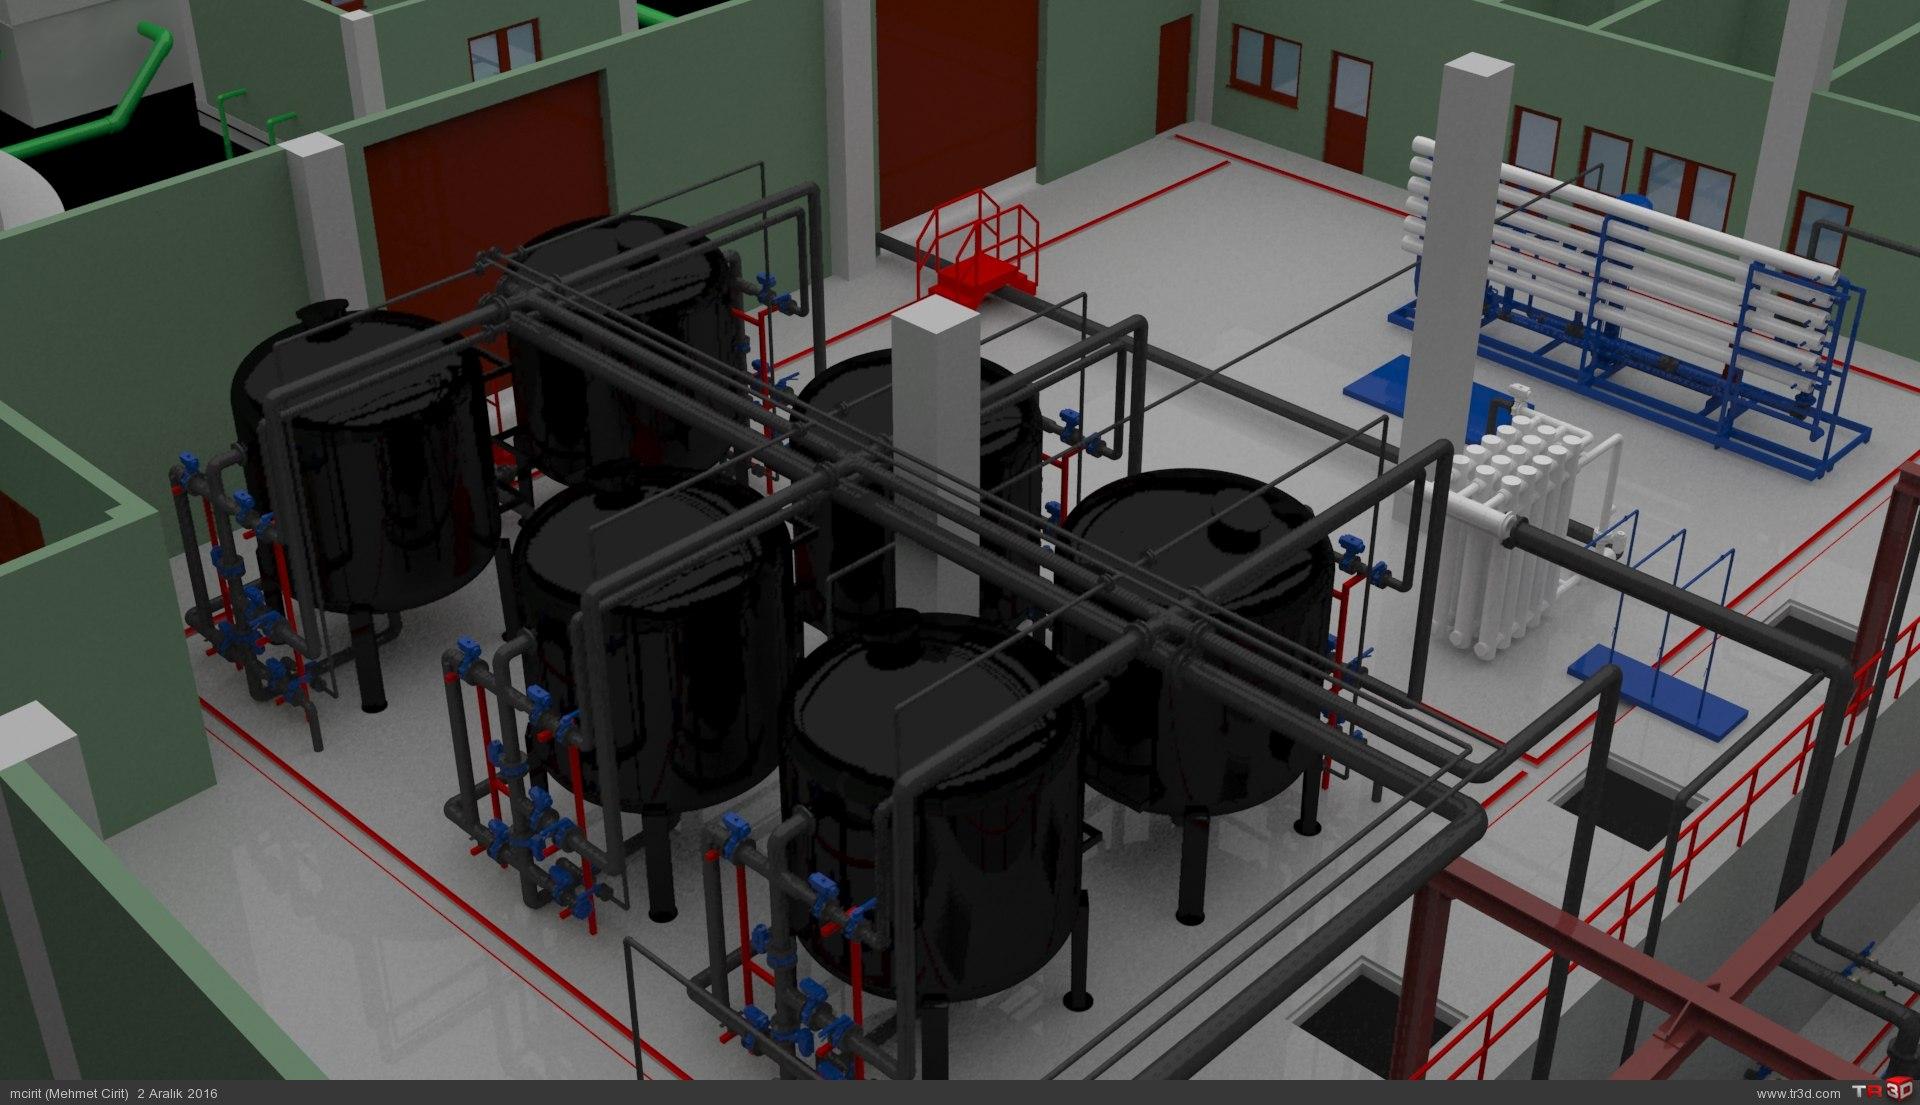 ARC WT Co. Tunçbilek Kömür Suyu Biyolojik, Kimyasal Arıtma Tesisi 2